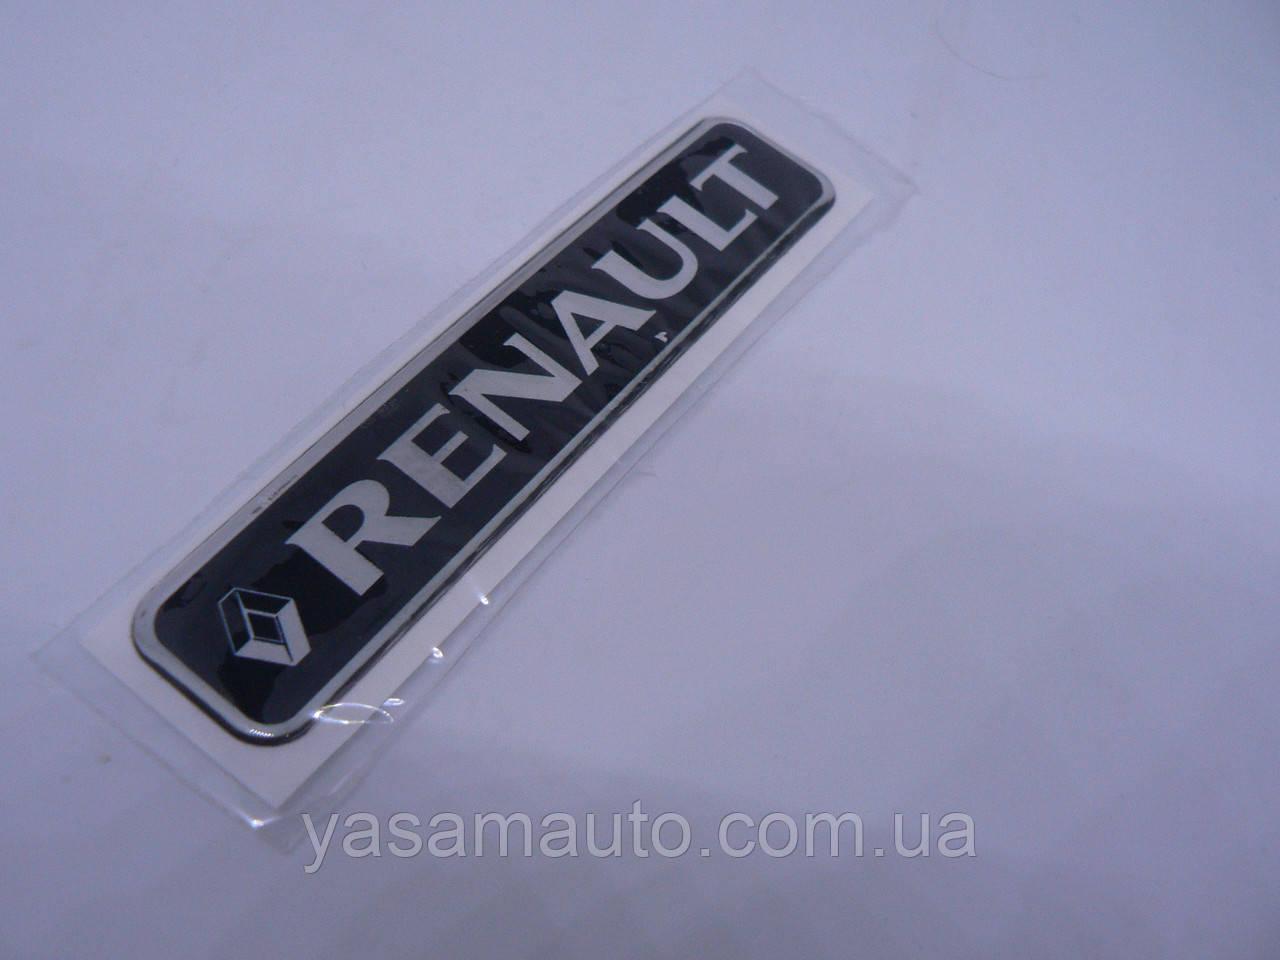 Наклейка s надпись Renault 100х20х1мм силиконовая на авто эмблема логотип Рено черный фон